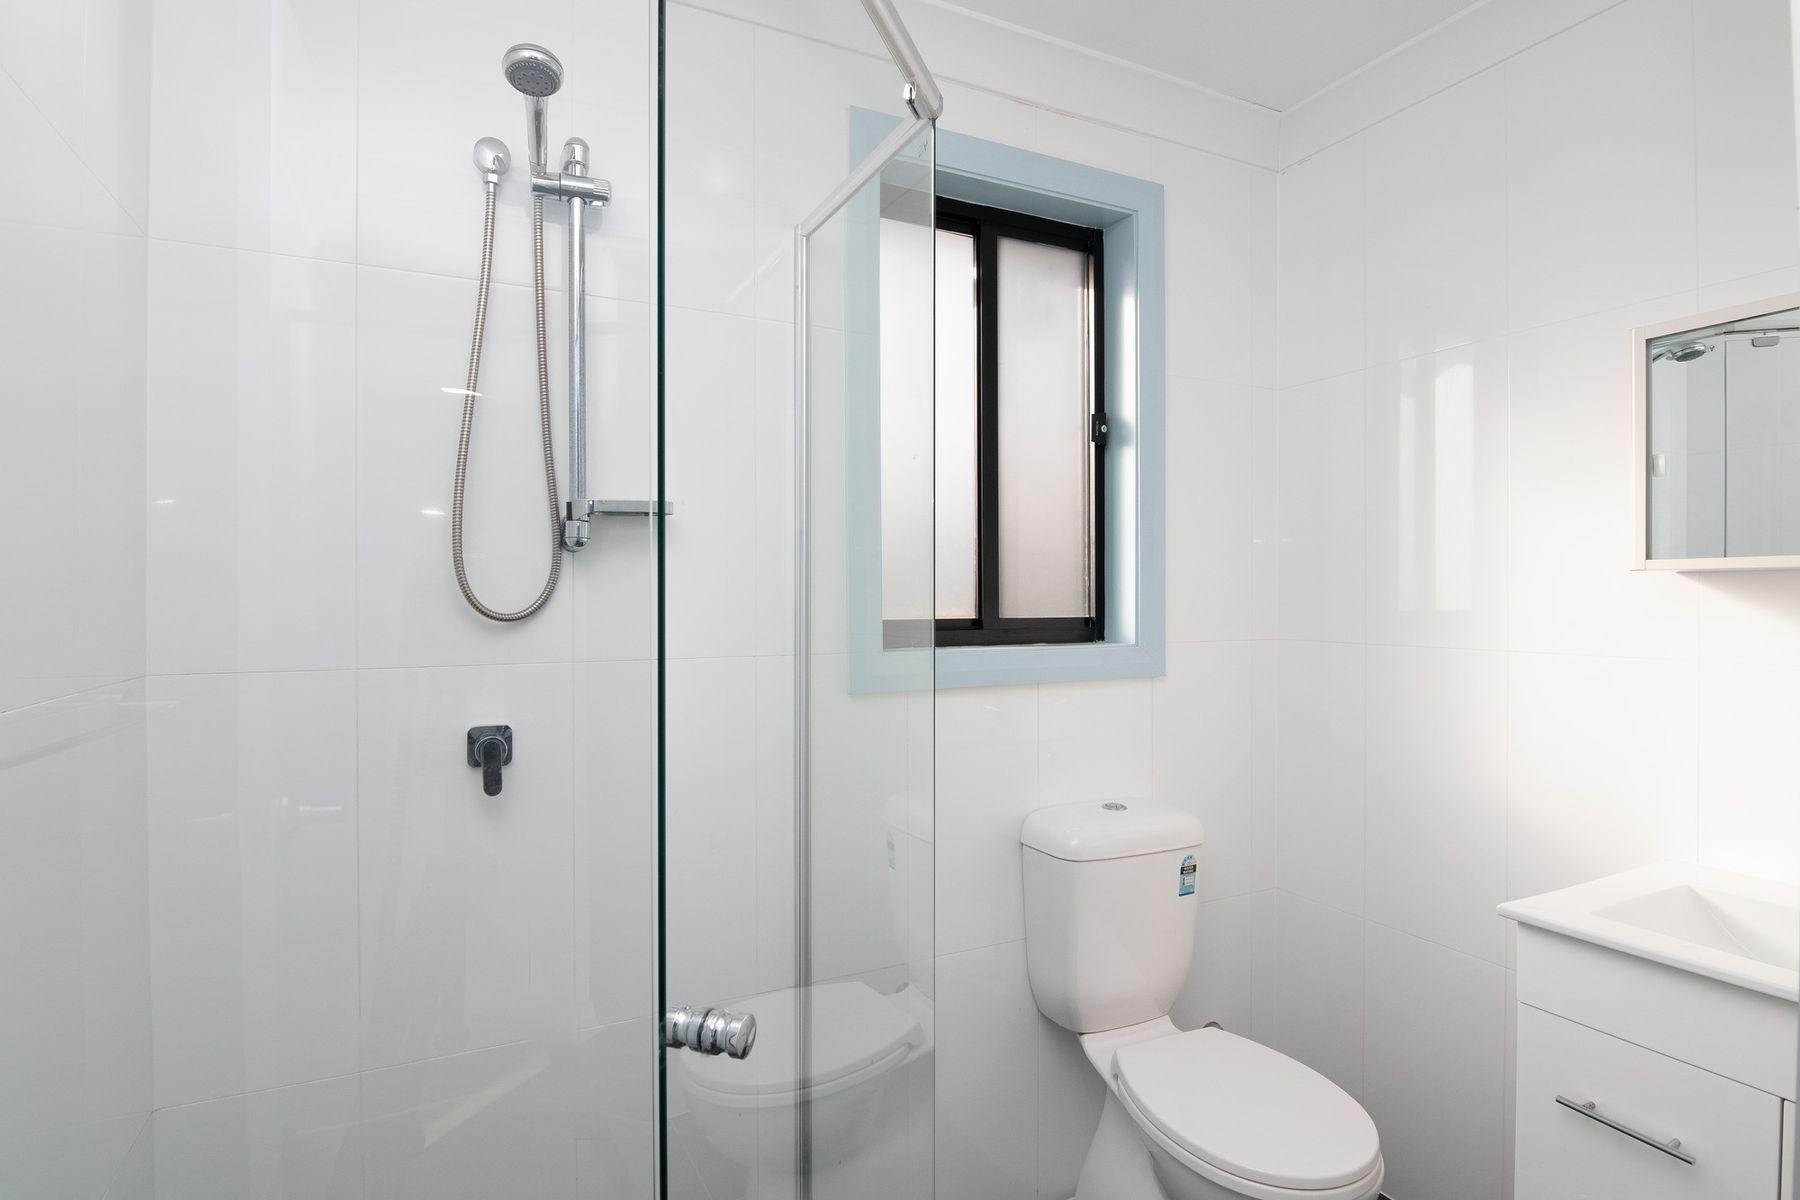 17A Coreen Avenue, Penrith, NSW 2750